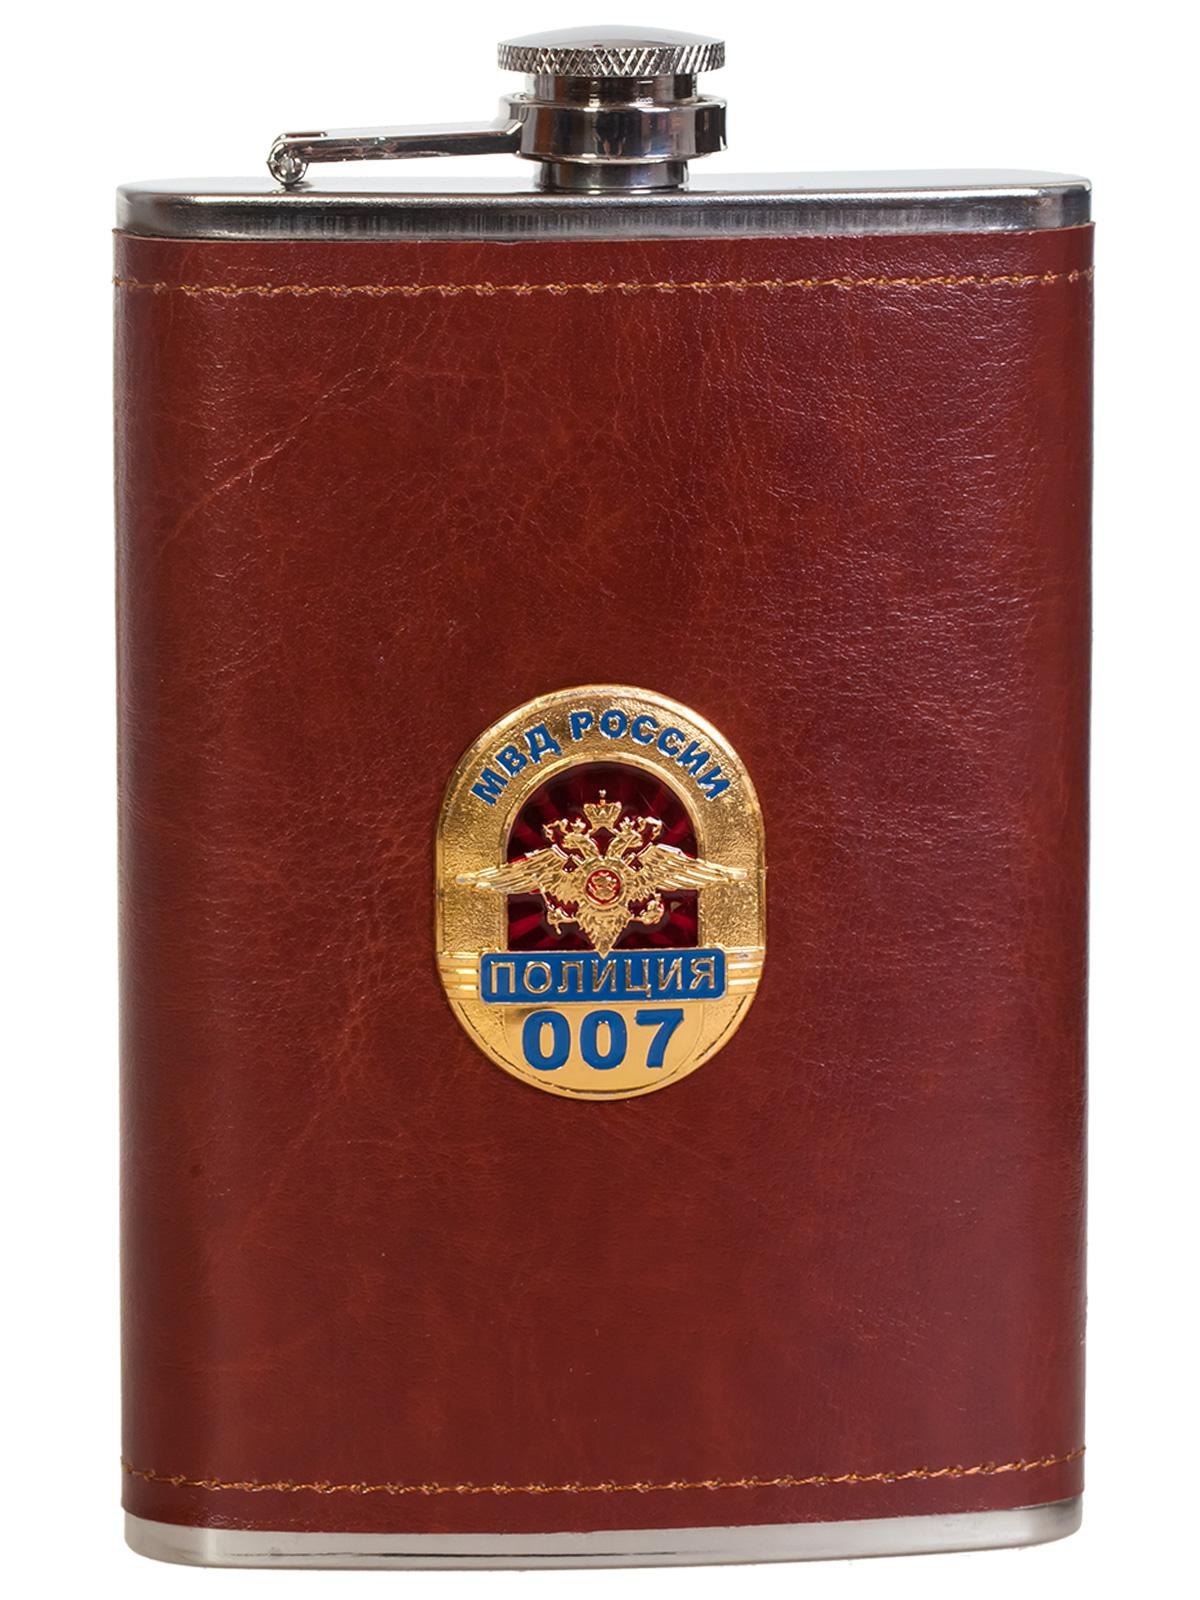 Подарочная крутая фляга в кожаном чехле с накладкой МВД России. Полиция